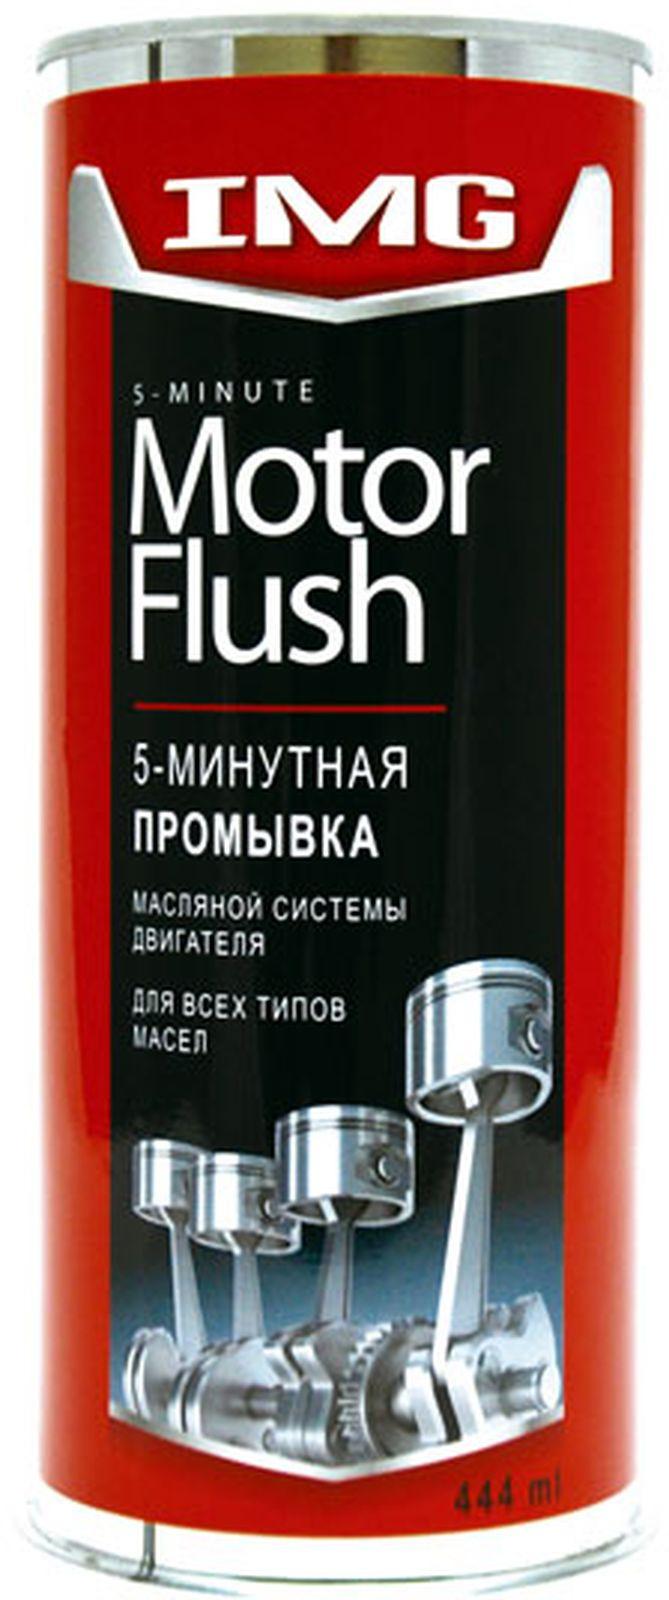 Очиститель двигателя IMG, 444 мл